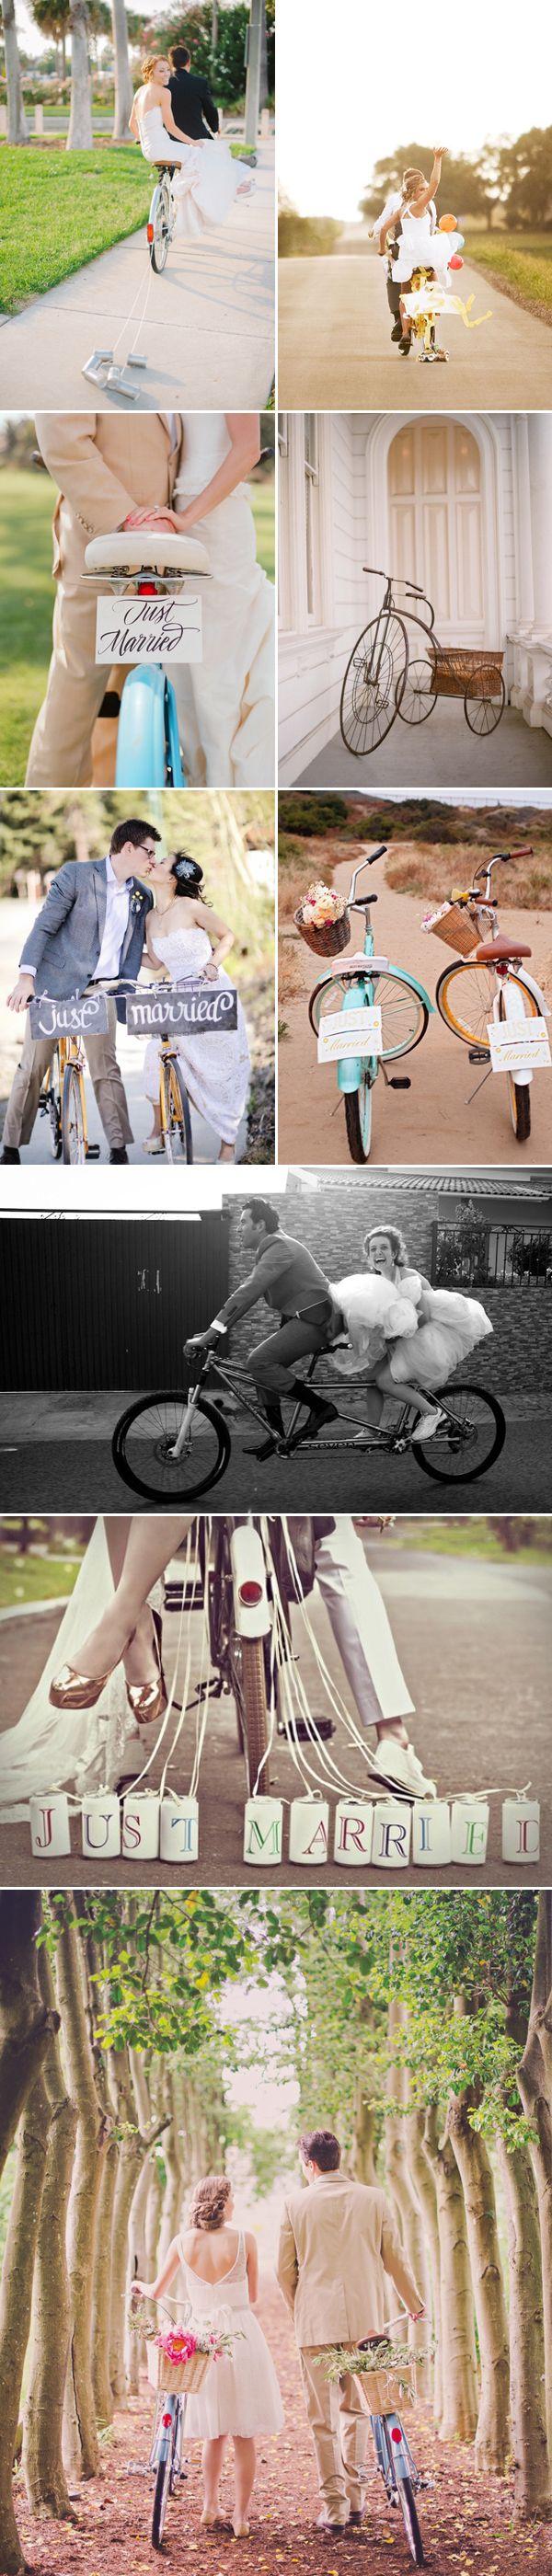 45 Unique Getaway Transportation - Bicycle